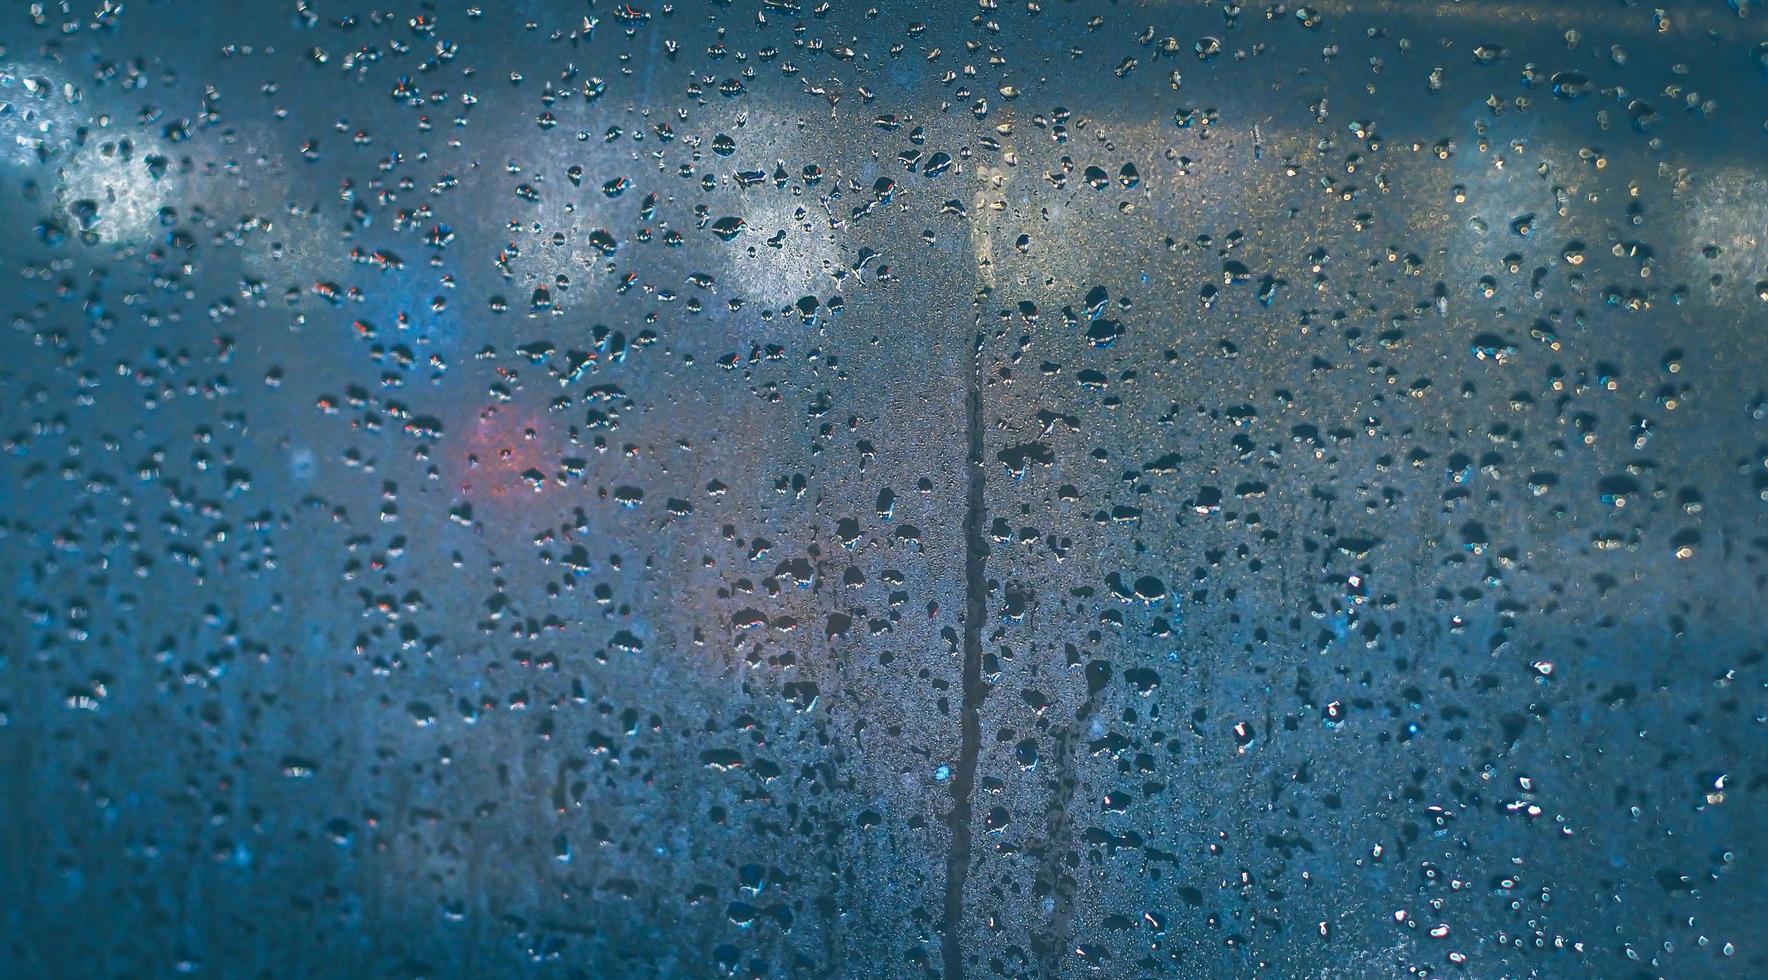 regndroppar på bilens fönster. abstrakt oskärpa bokeh av trafik och bil ljus. foto